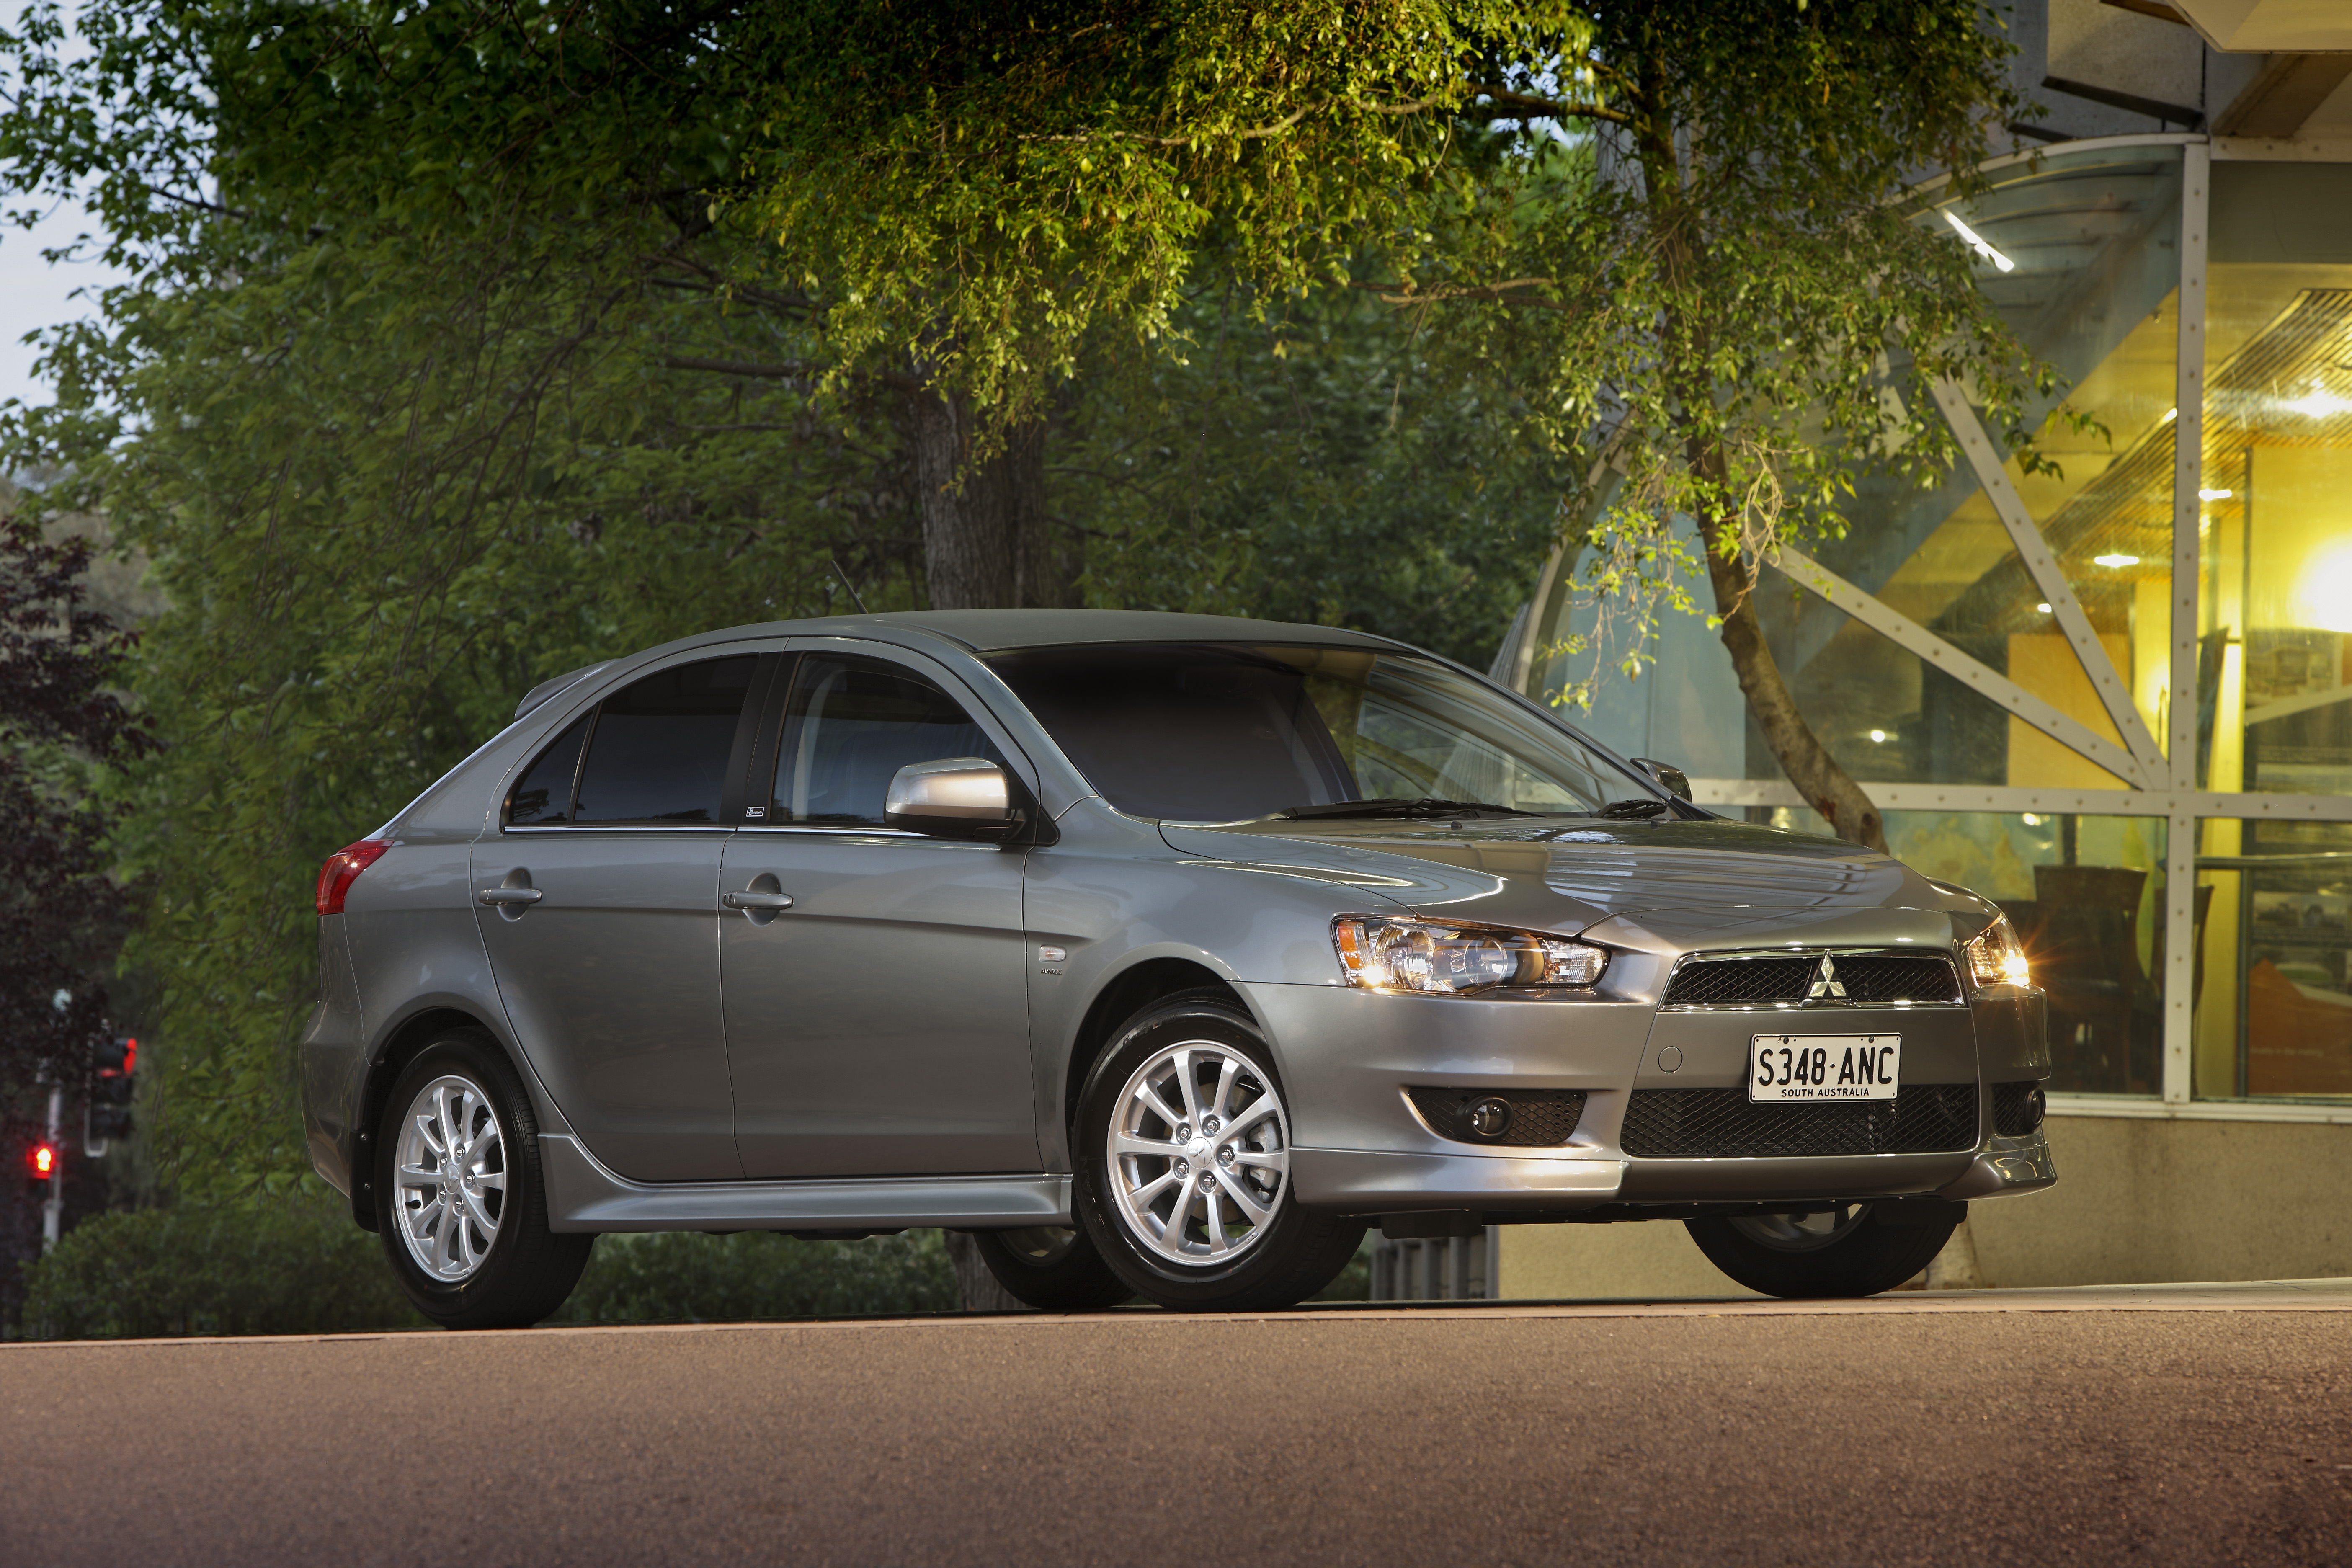 2011 Mitsubishi Lancer.